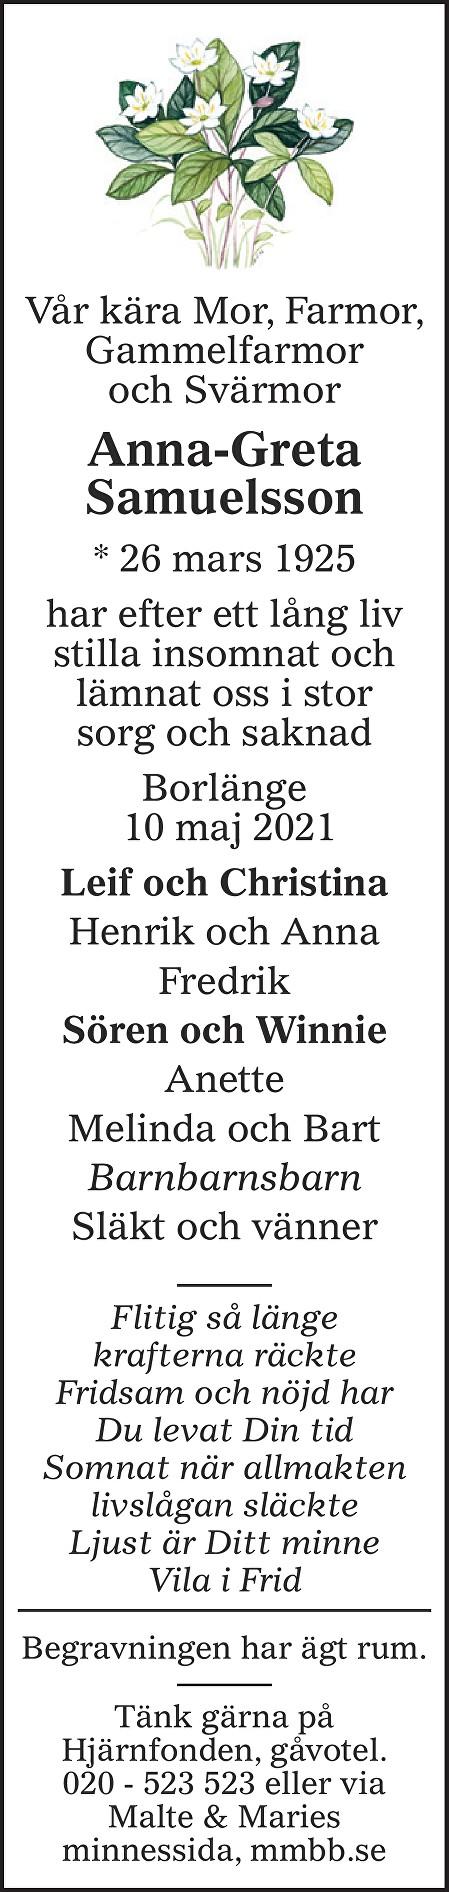 Anna-Greta Samuelsson Death notice